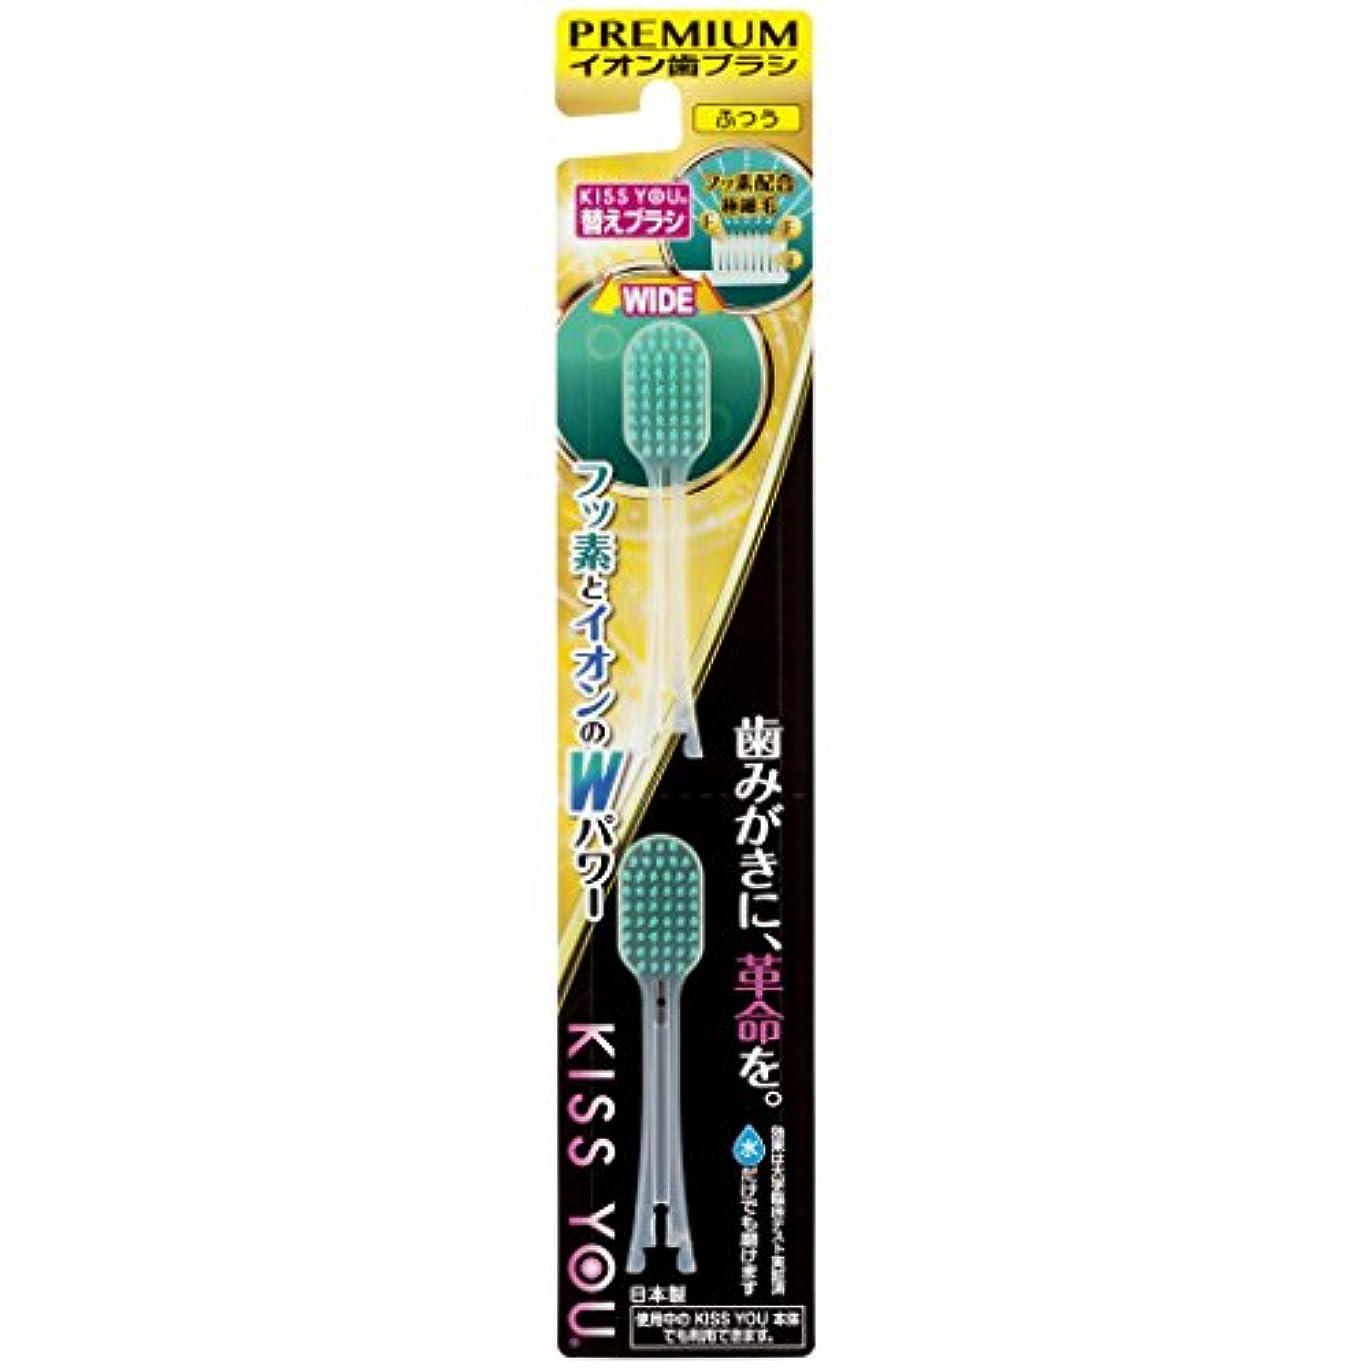 伝染病オーバーフロー極めてKISS YOU 歯ブラシ フッ素ワイドヘッド+C63:F134 替え ふつう (2本入り)